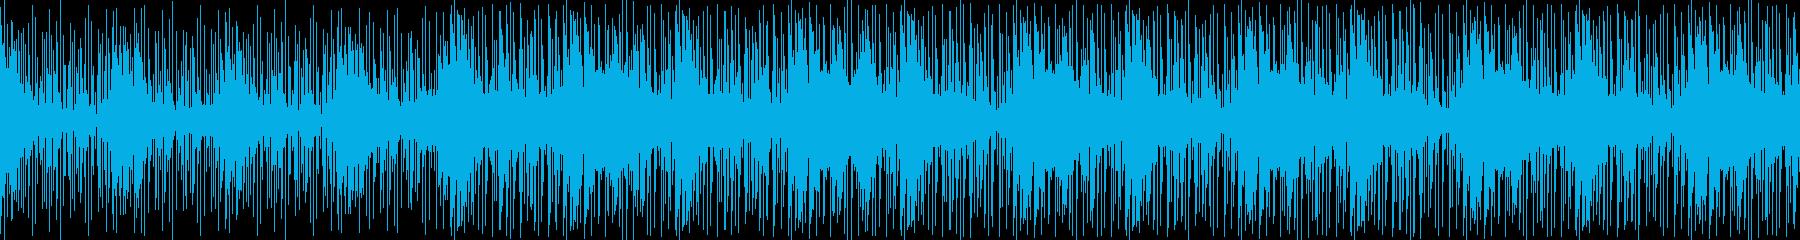 不安や疑いの感情を感じさせる曲の再生済みの波形